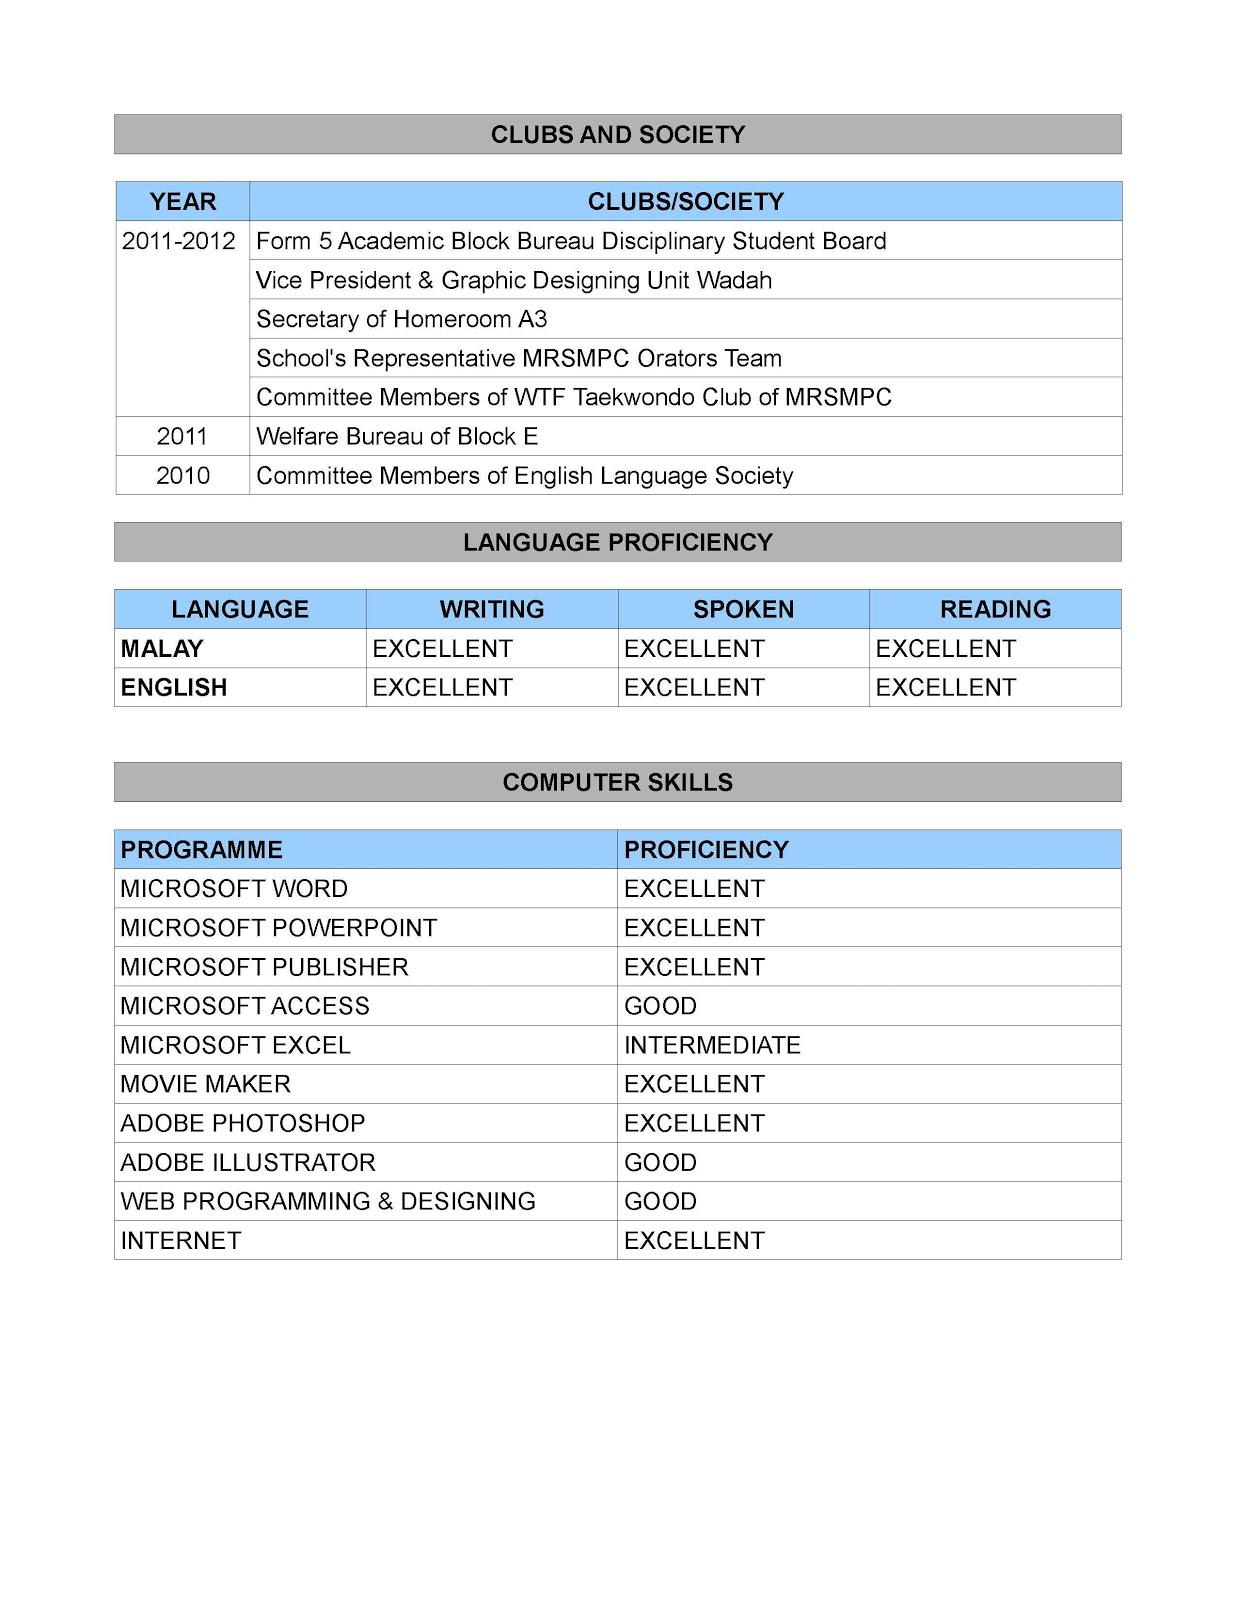 ... resume bahasa melayu panduan menulis resume yang baik contoh resume